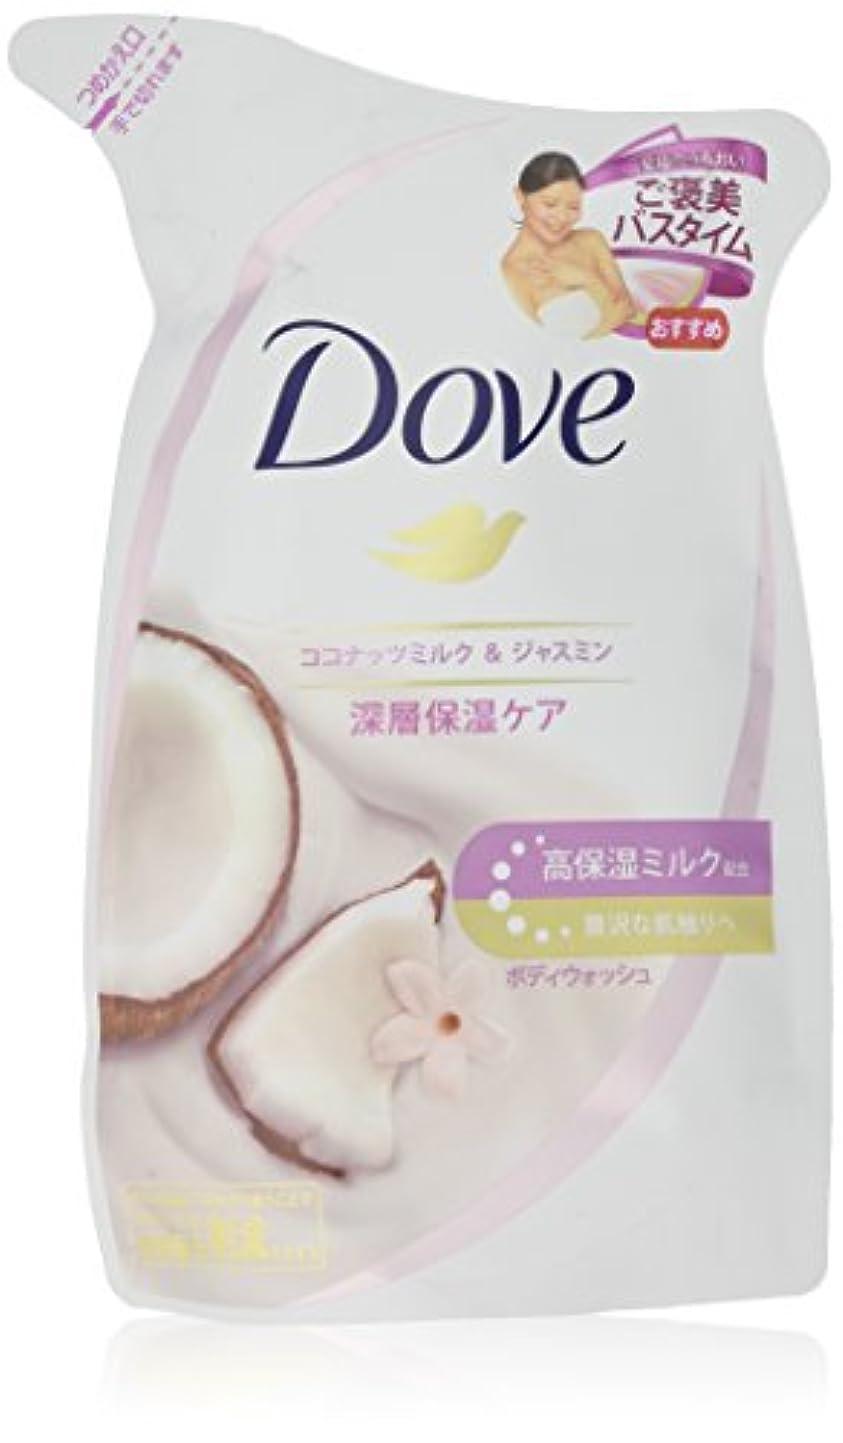 あえてアンカー非行Dove ダヴ ボディウォッシュ ココナッツミルク & ジャスミン つめかえ用 340g×4個